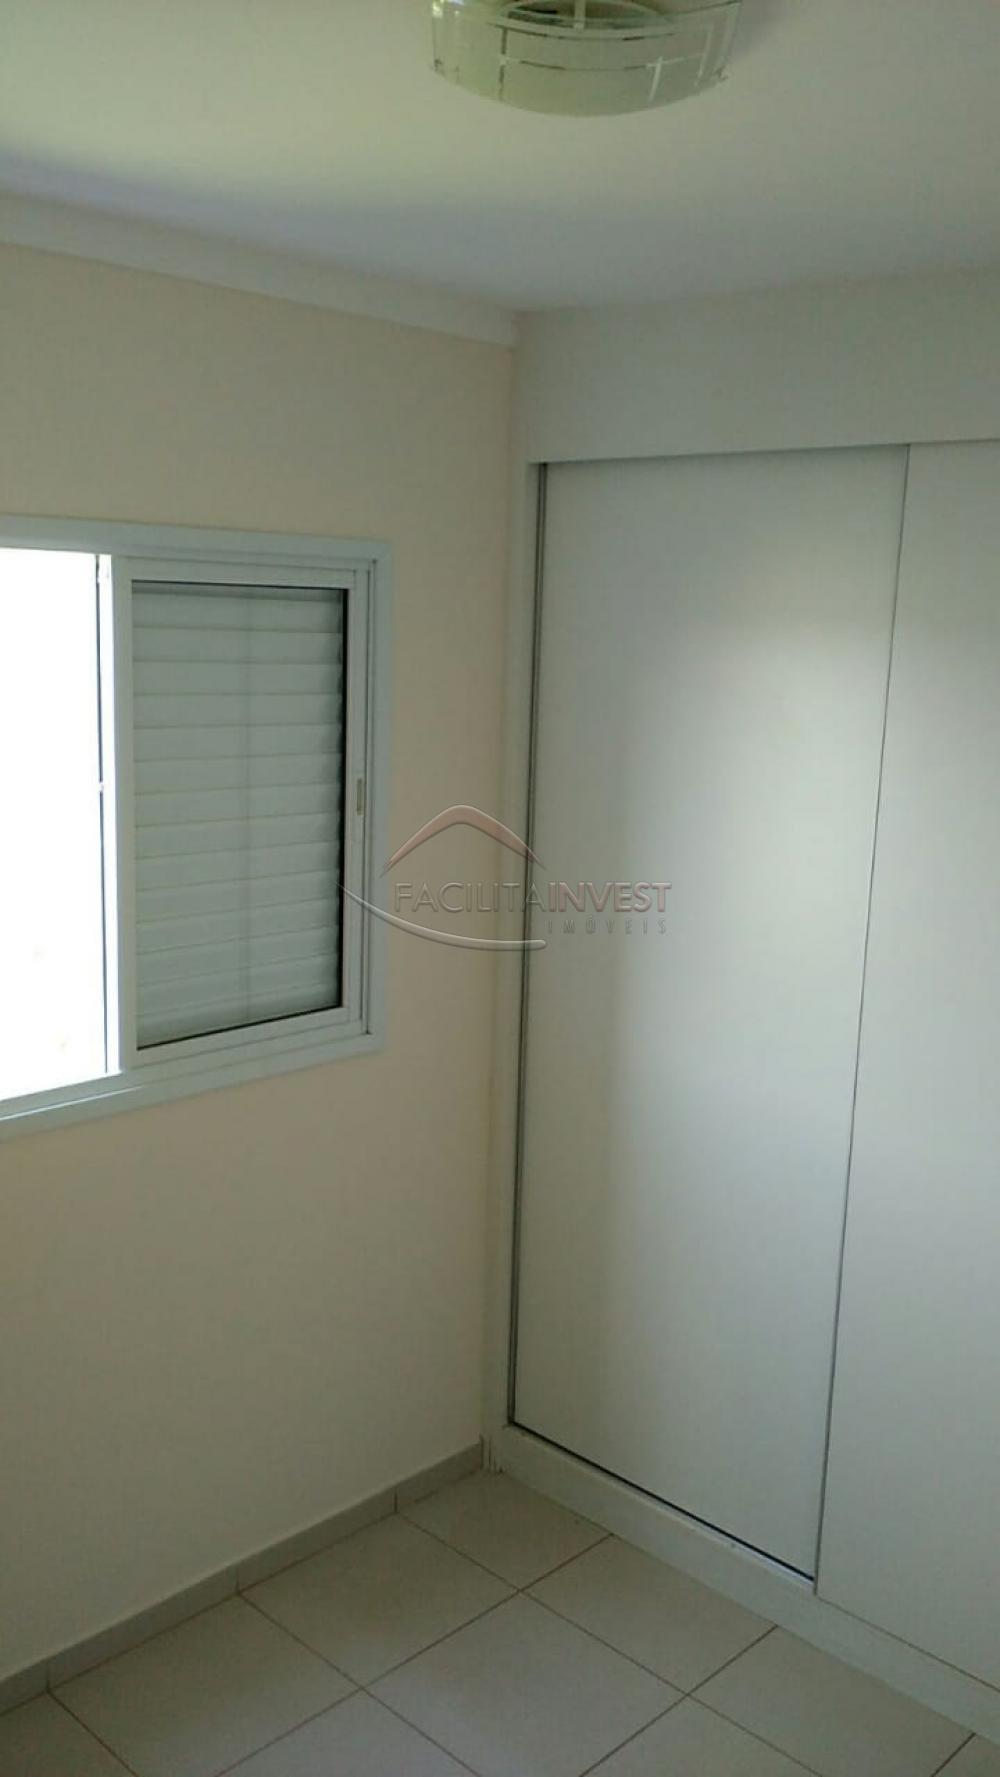 Comprar Lançamentos/ Empreendimentos em Construç / Apartamento padrão - Lançamento em Ribeirão Preto apenas R$ 216.000,00 - Foto 12